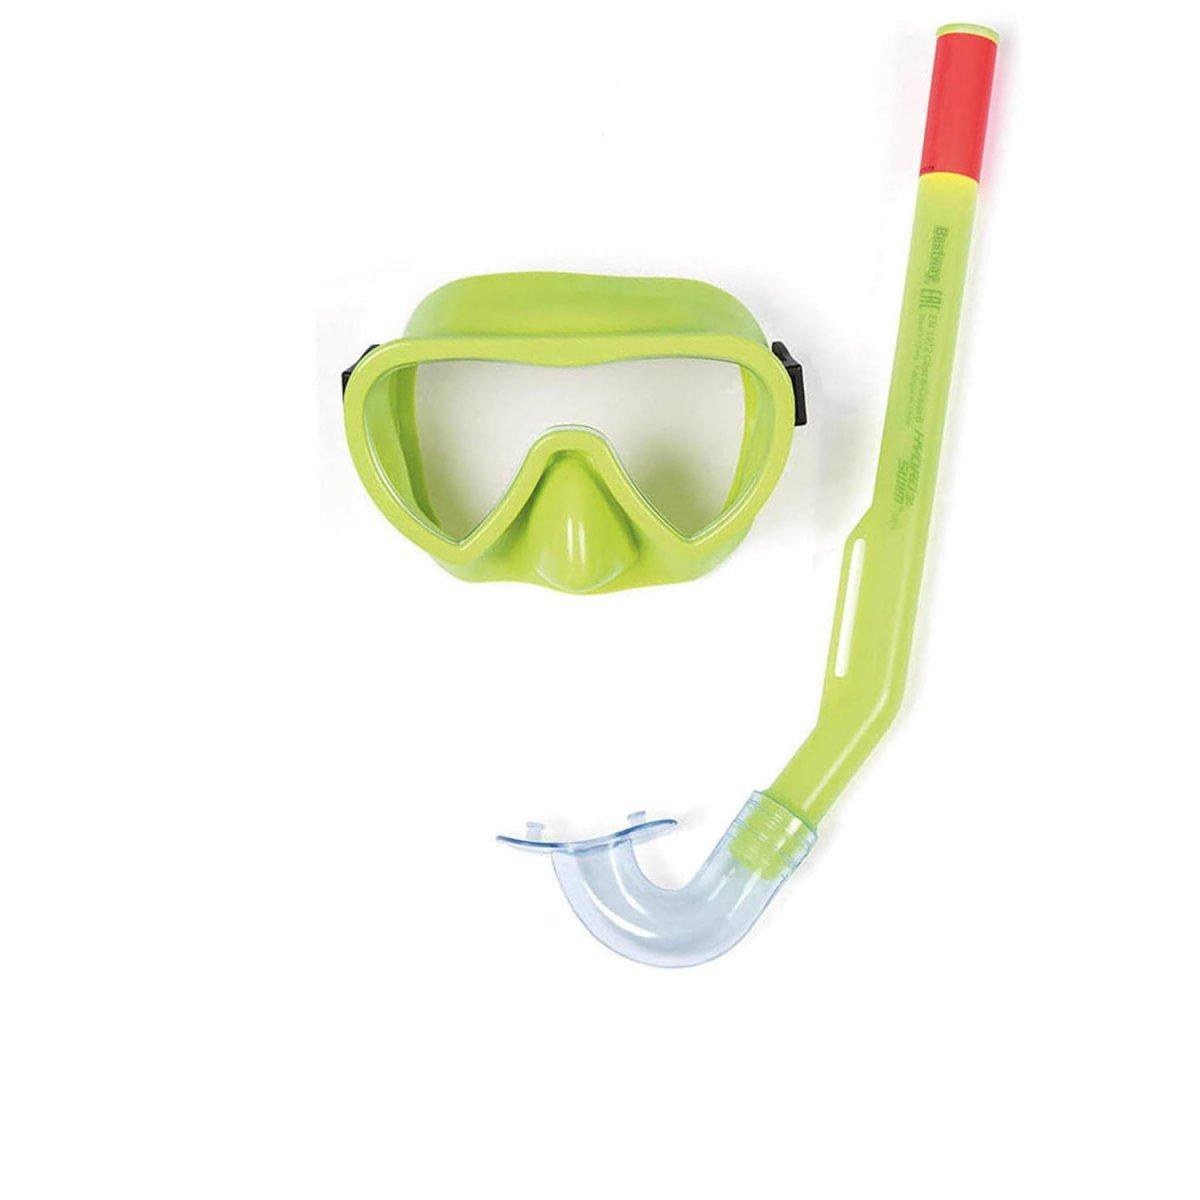 Набор 2 в 1 для ныряния Bestway 24036 (маска: размер S, (3+), обхват головы ≈ 50 см, трубка), зеленый